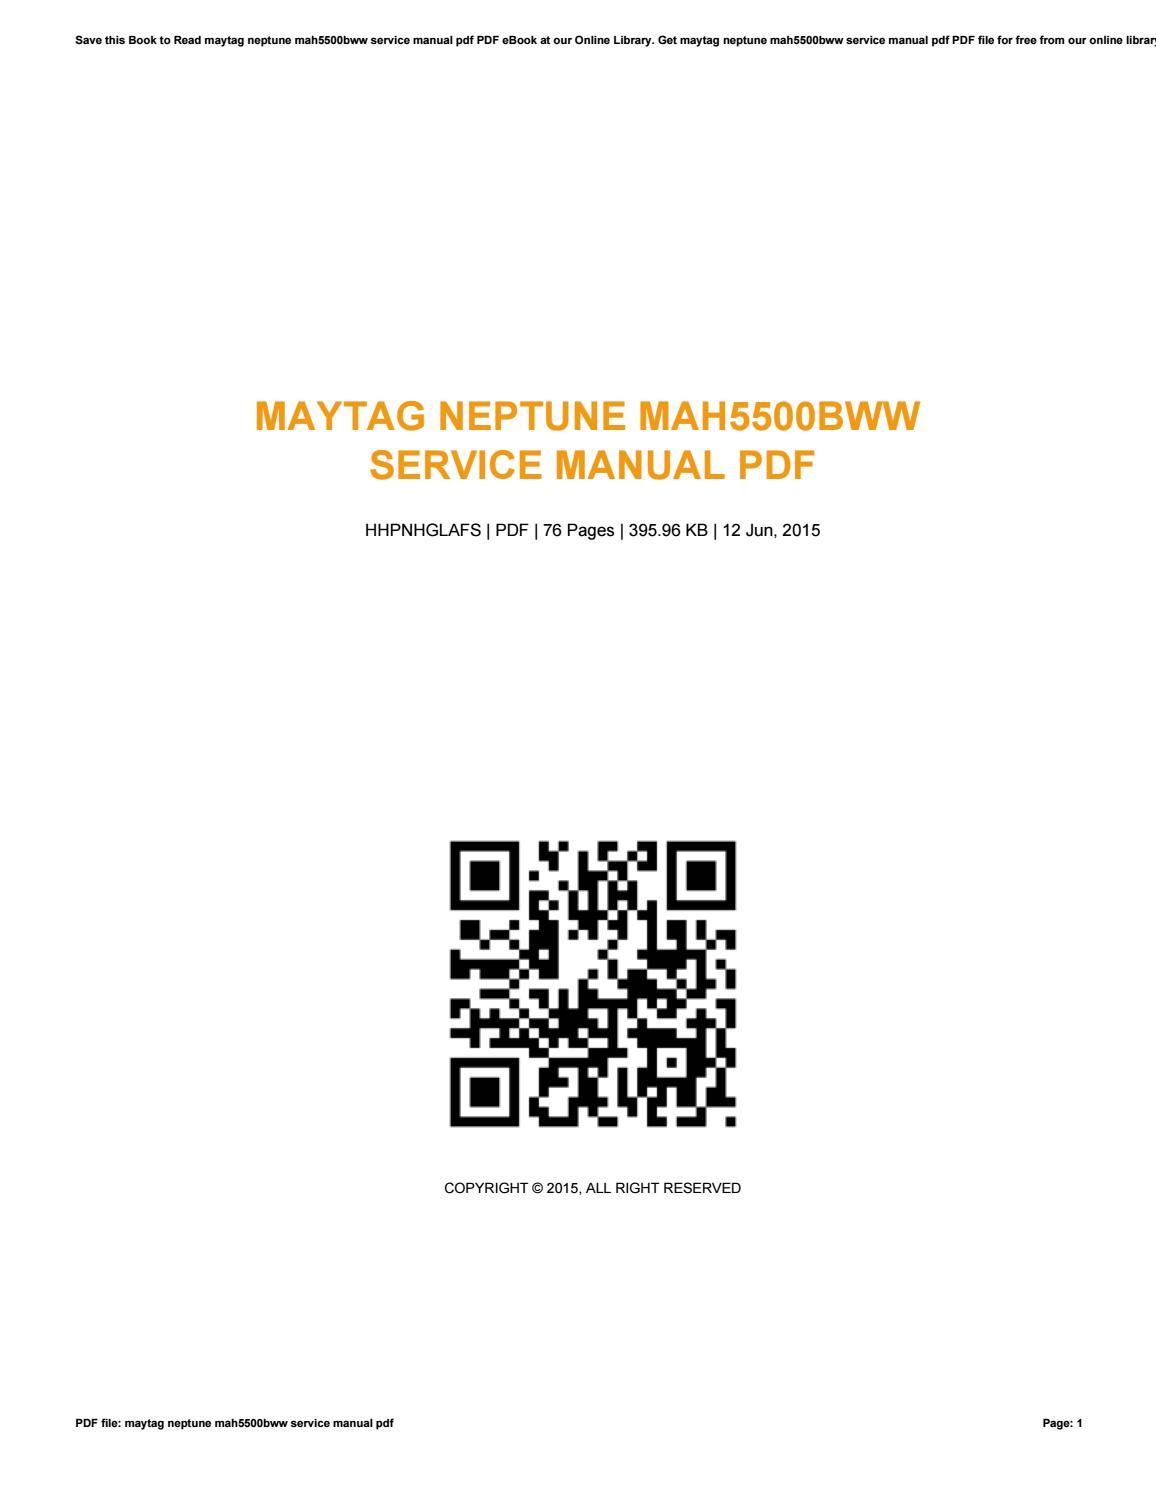 Maytag neptune model mah5500bww repair manual.